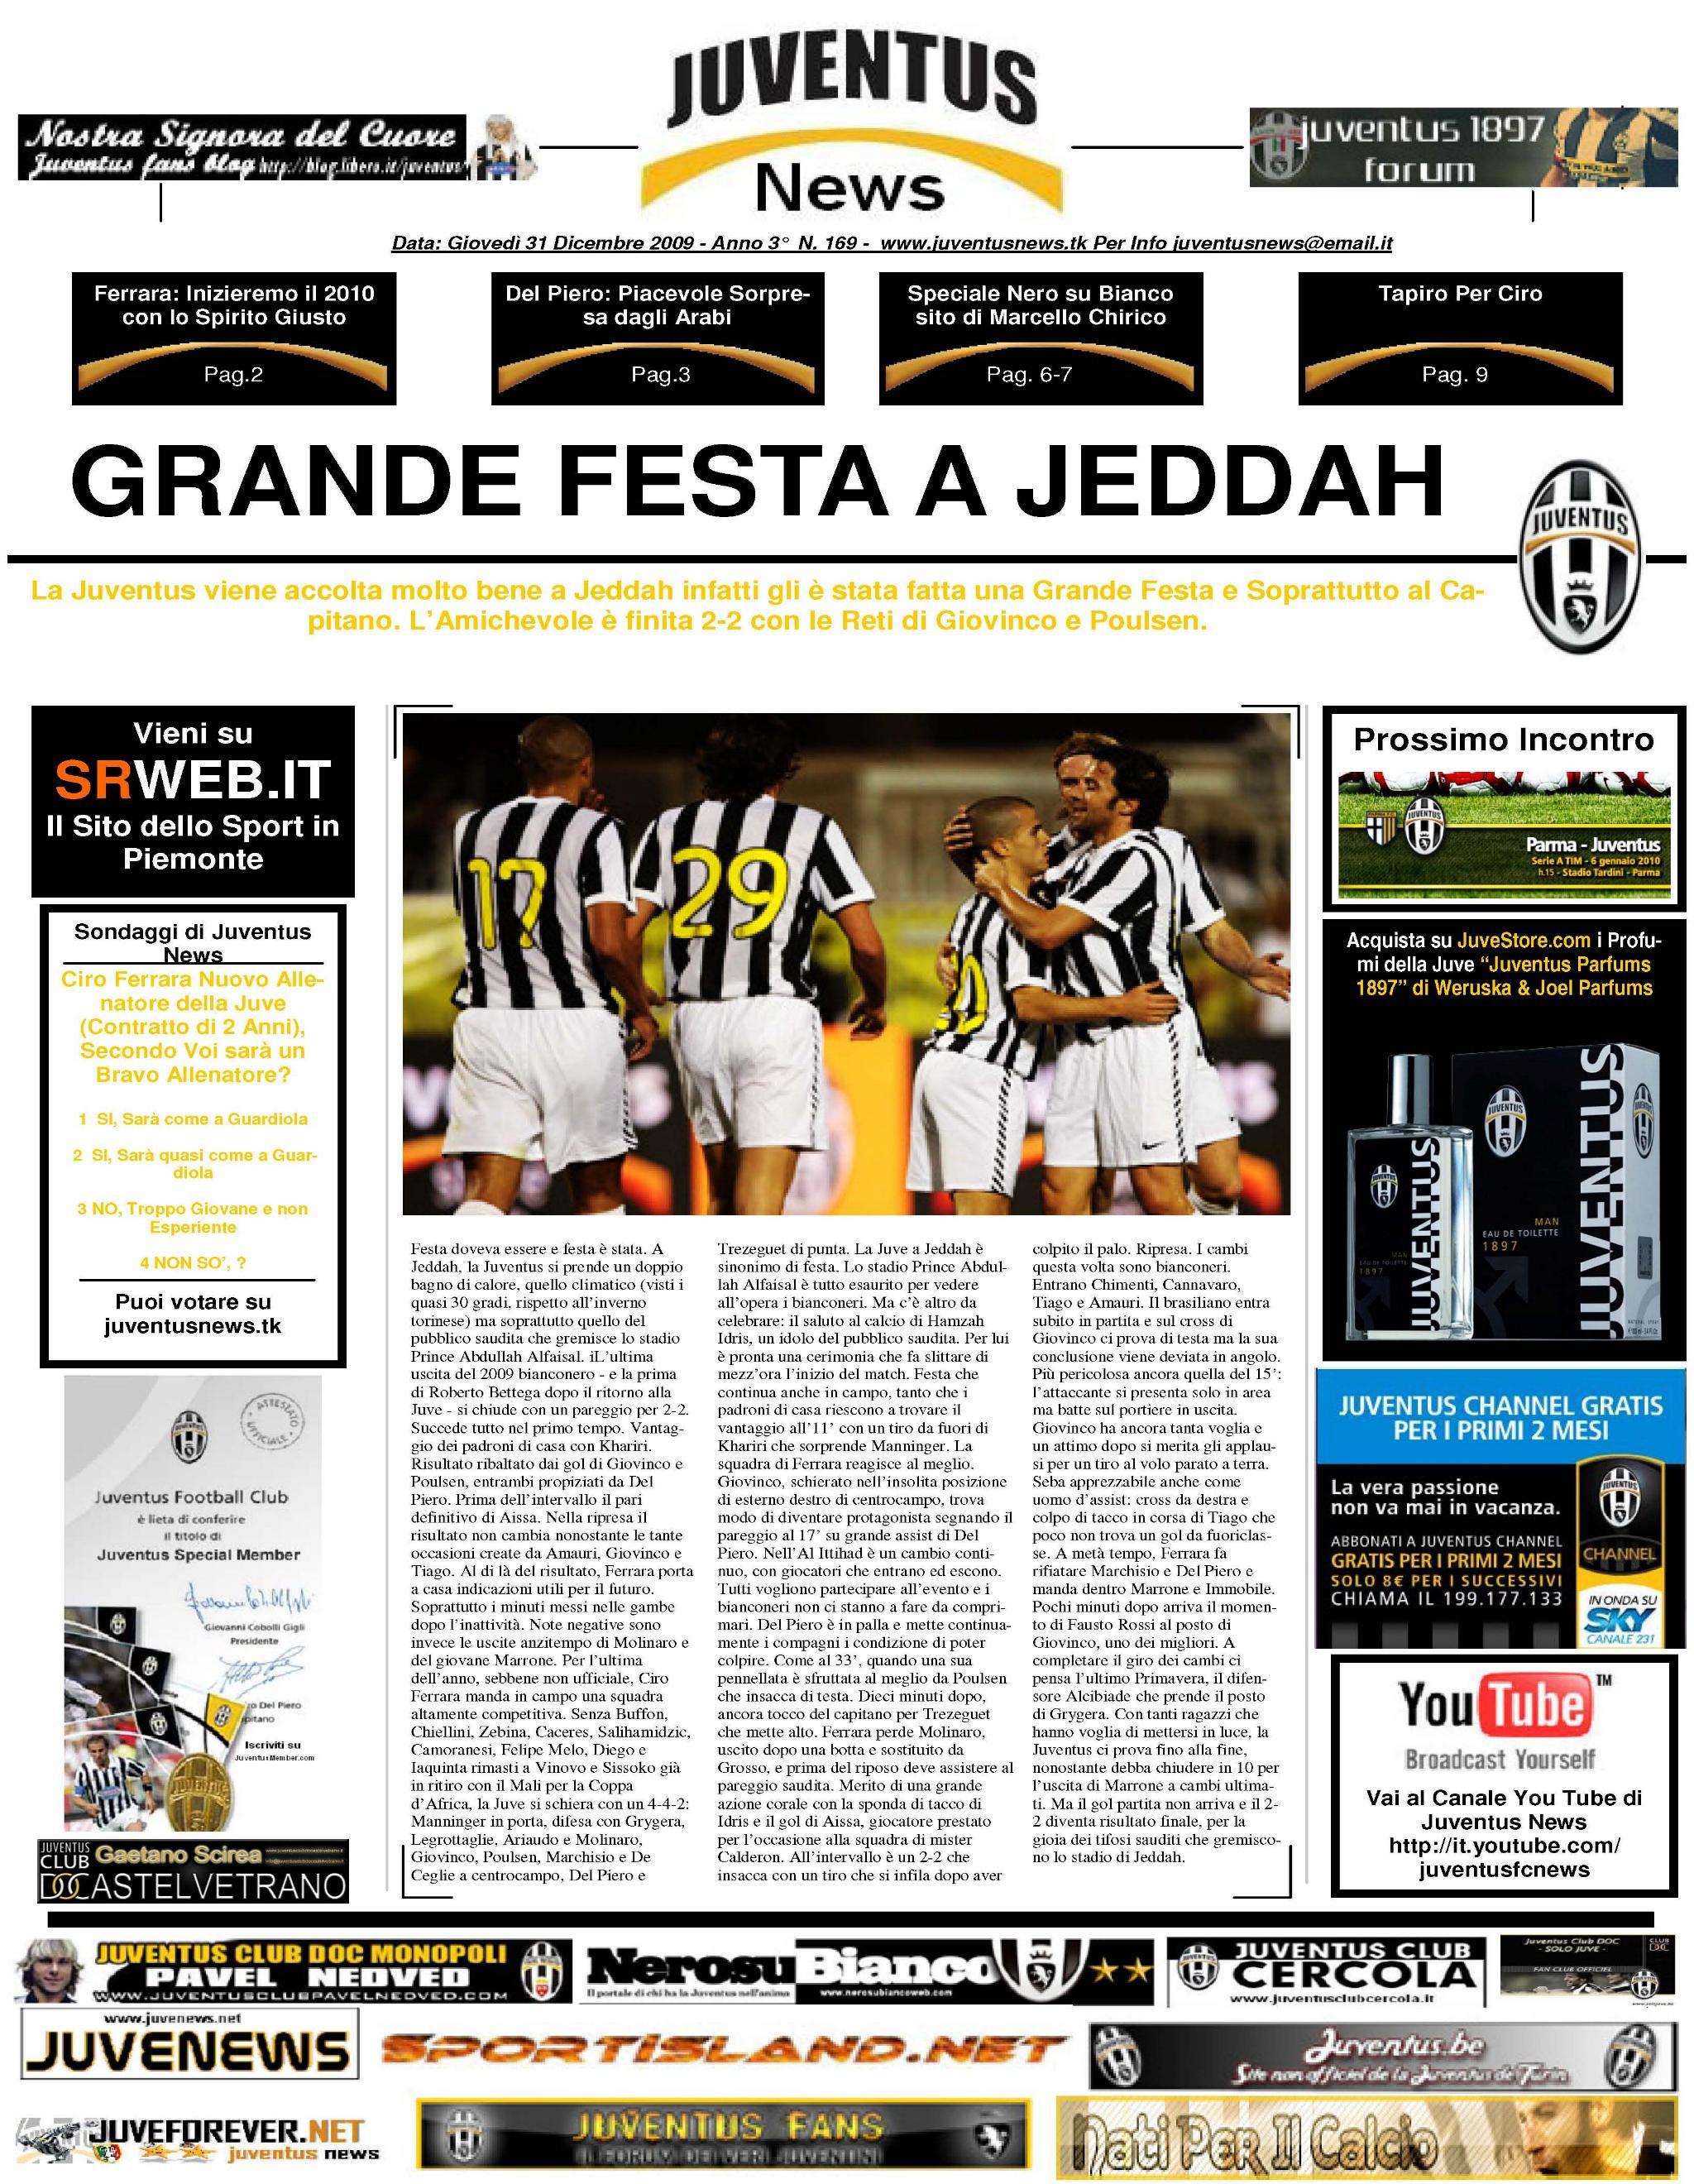 Juventus News 31.12.2009